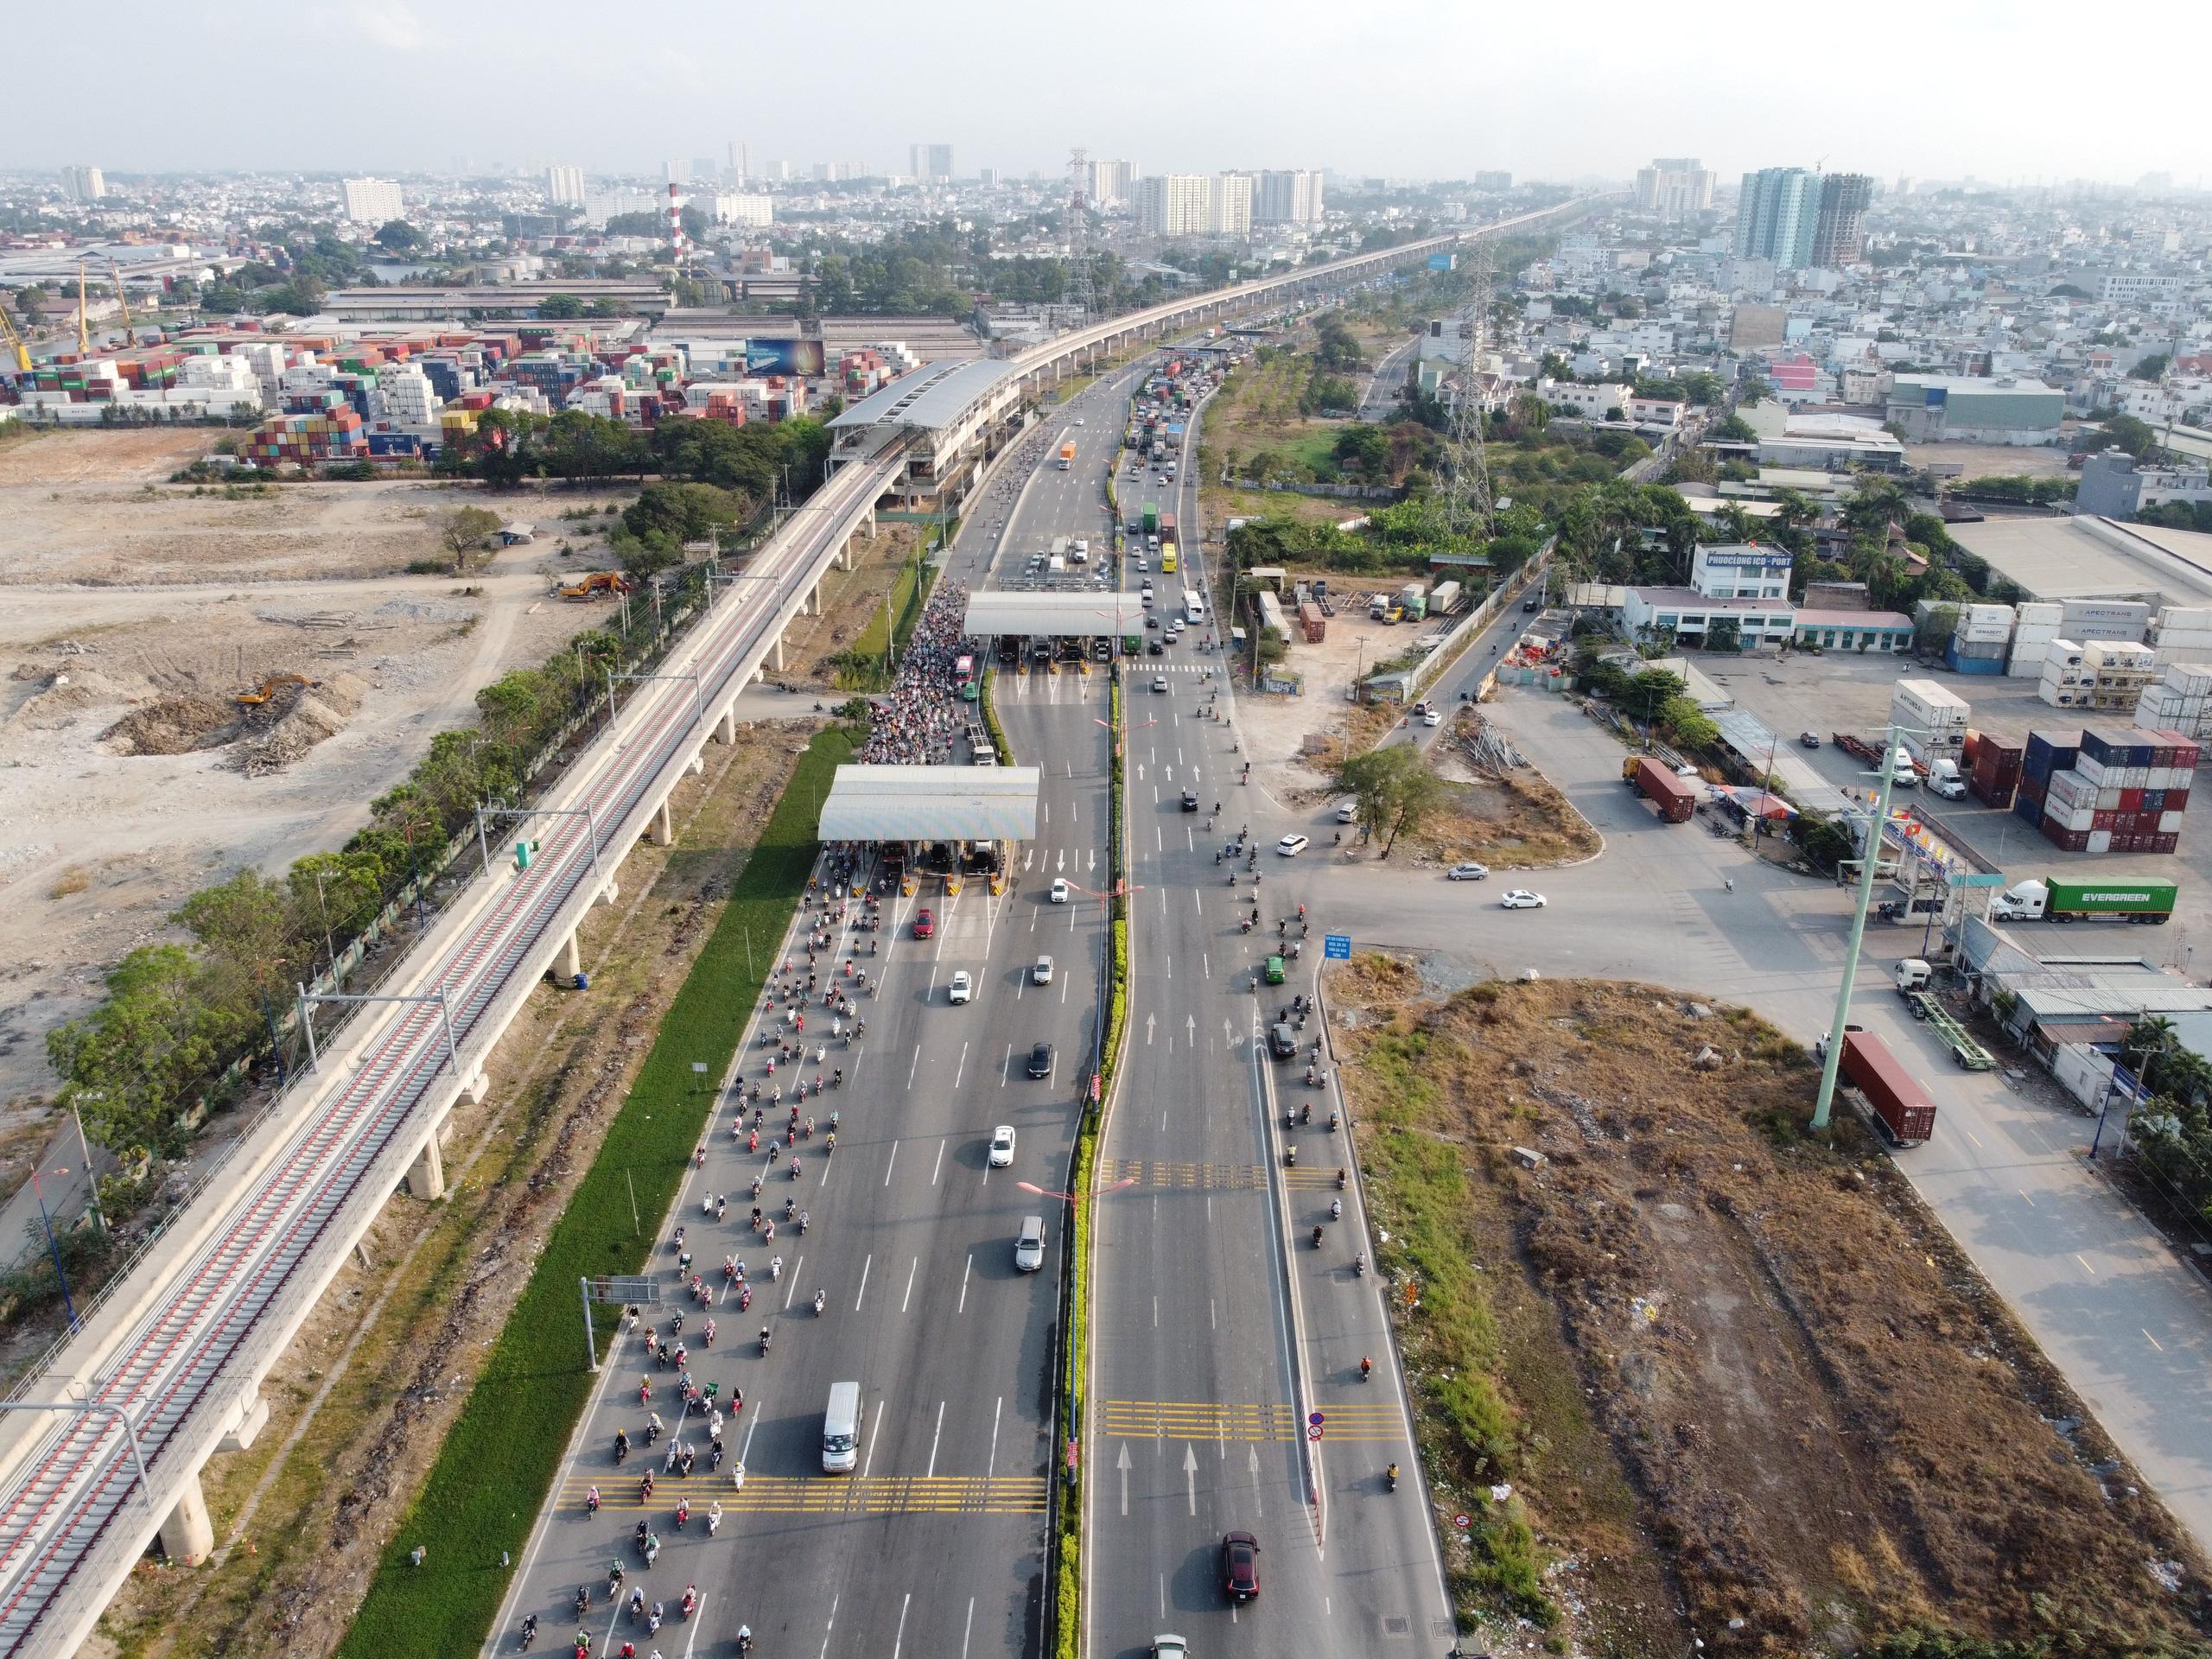 Cận cảnh tuyến đường sắt metro Bến Thành - Suối Tiên trước ngày đón đoàn tàu số 2 và 3 - Ảnh 8.